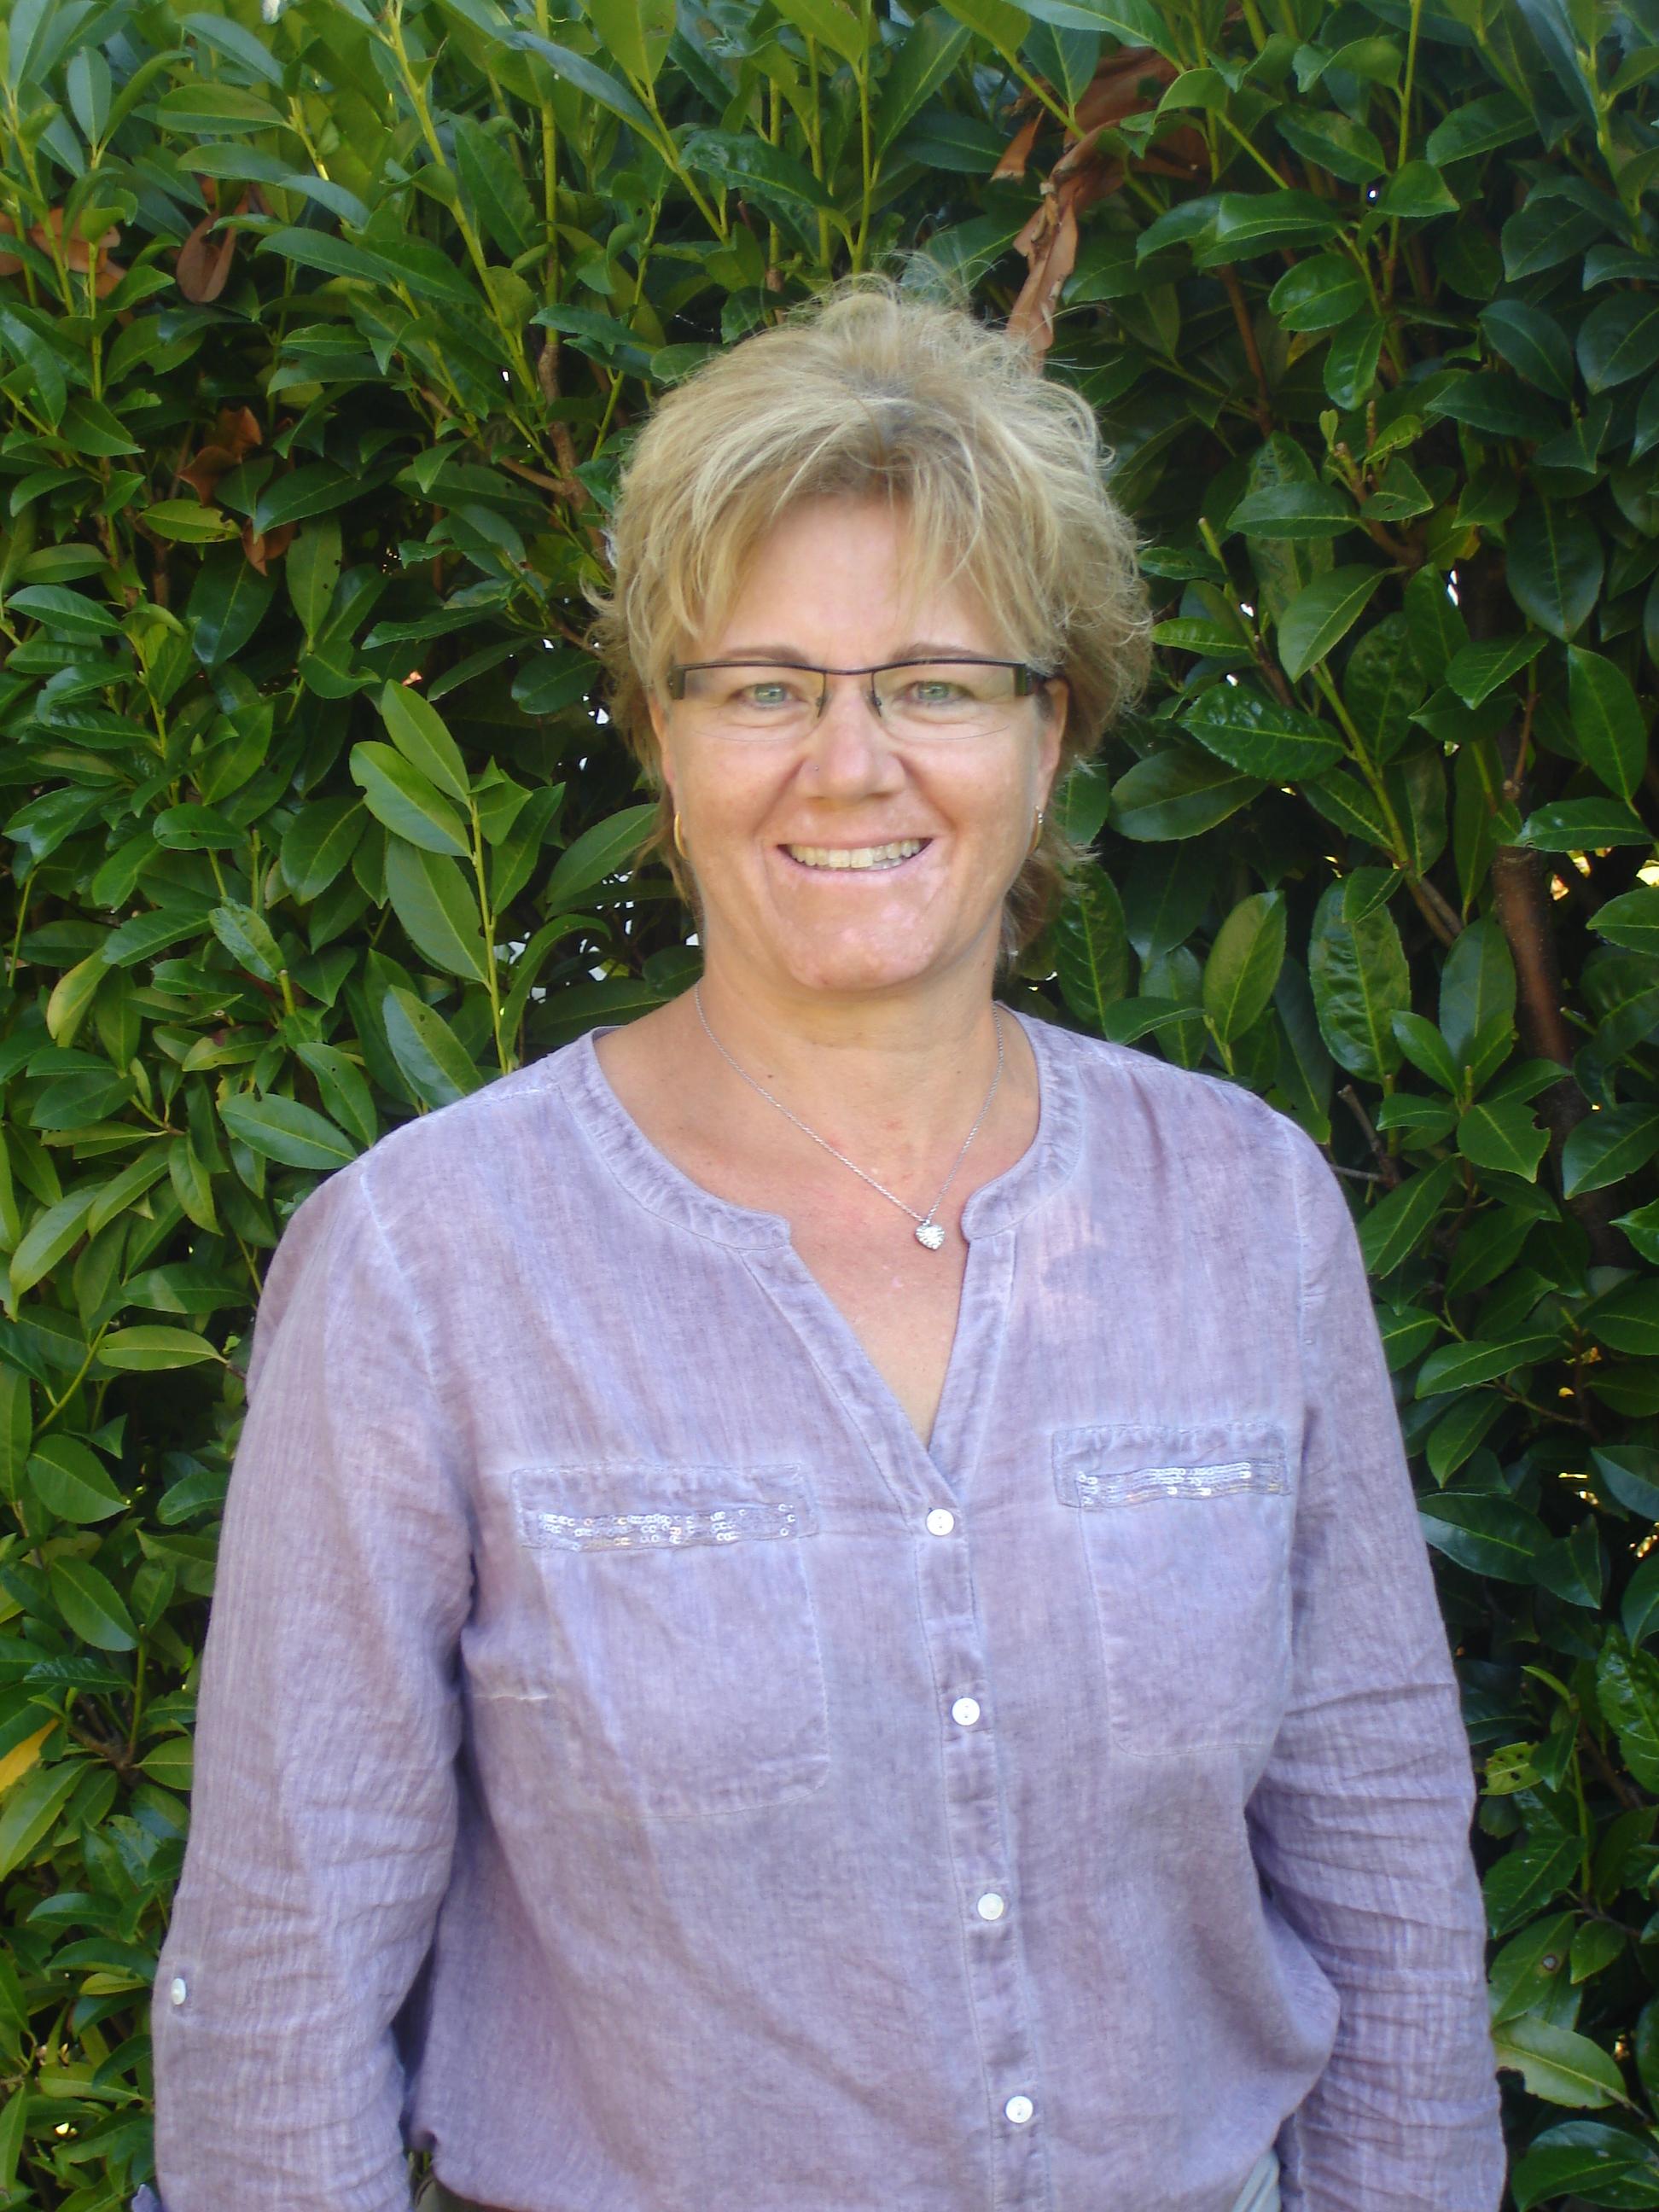 Andrea Balsiger